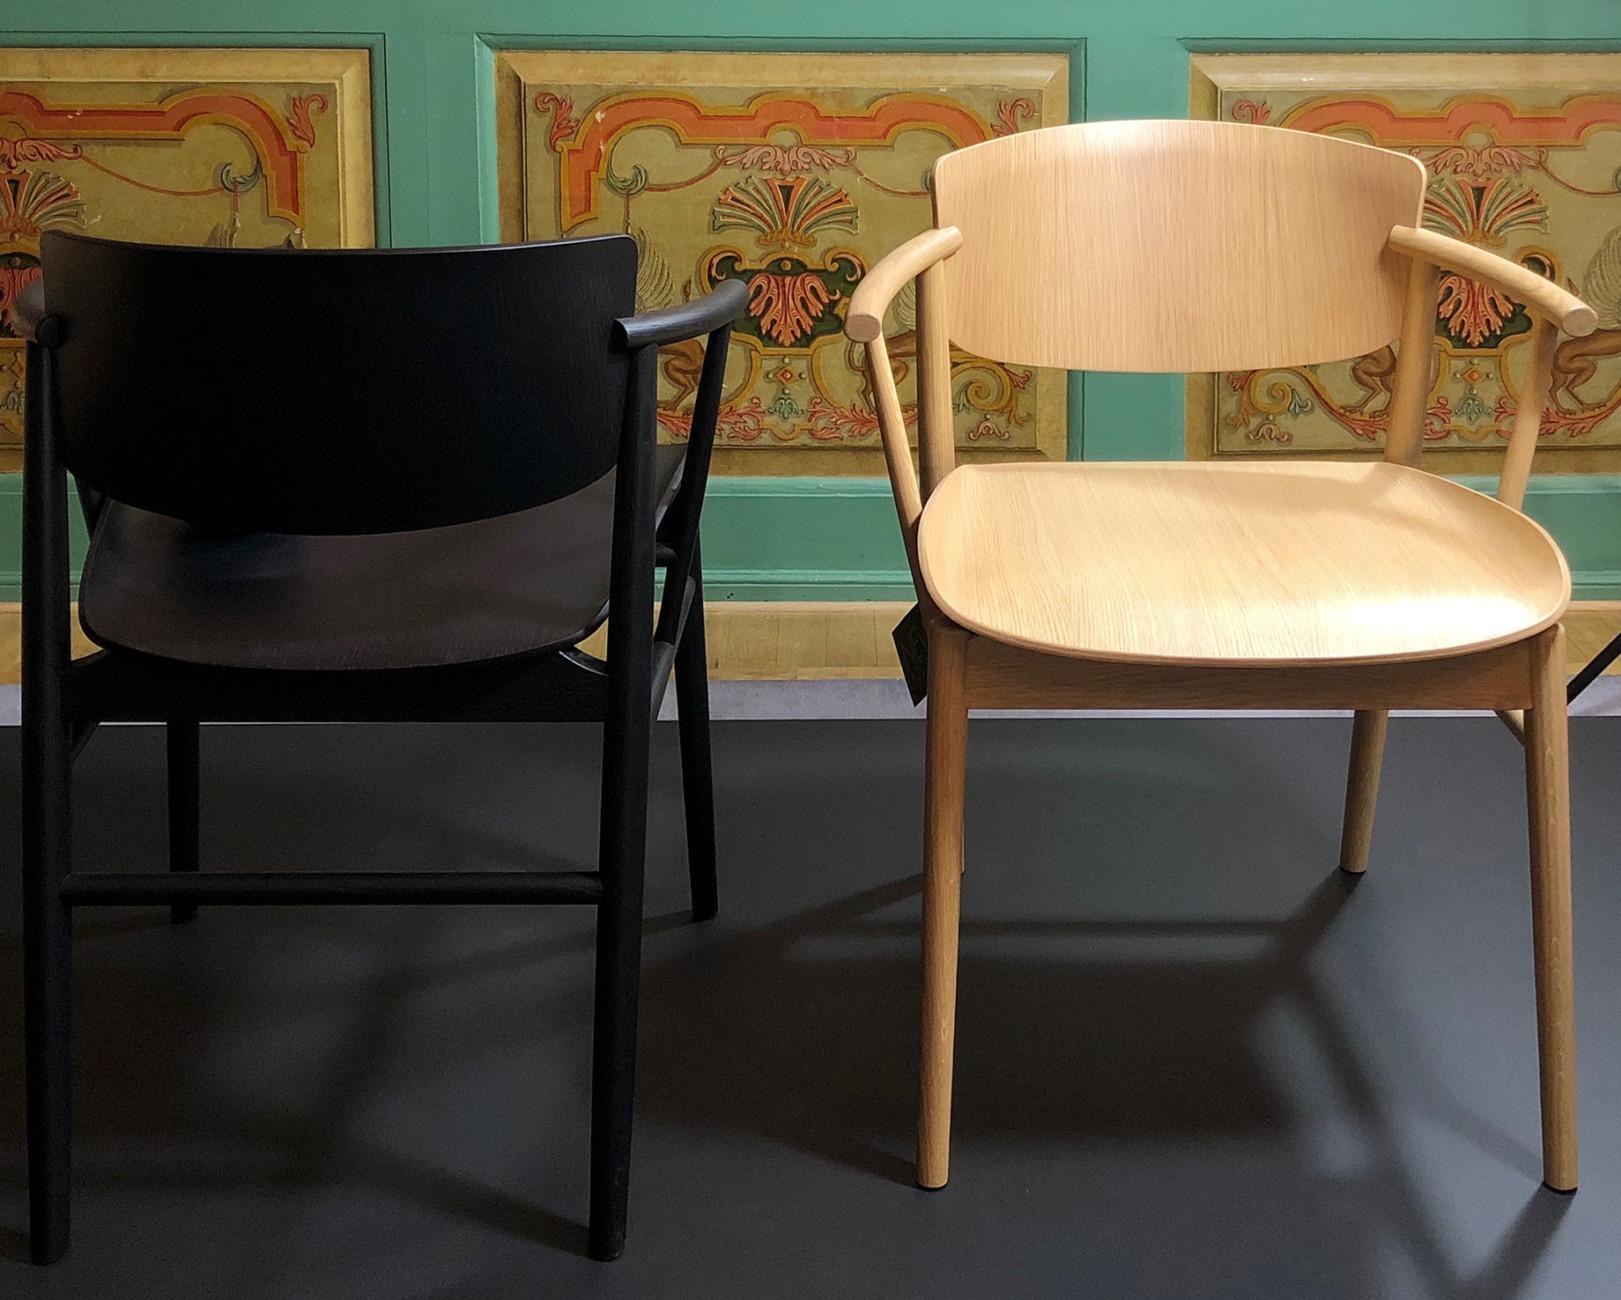 """Zum Salone mit dem Stylepark Selected Award ausgezeichnet: Der Stuhl """"NO1"""" vom japanischen Designstudio Nendo für Fritz Hansen"""